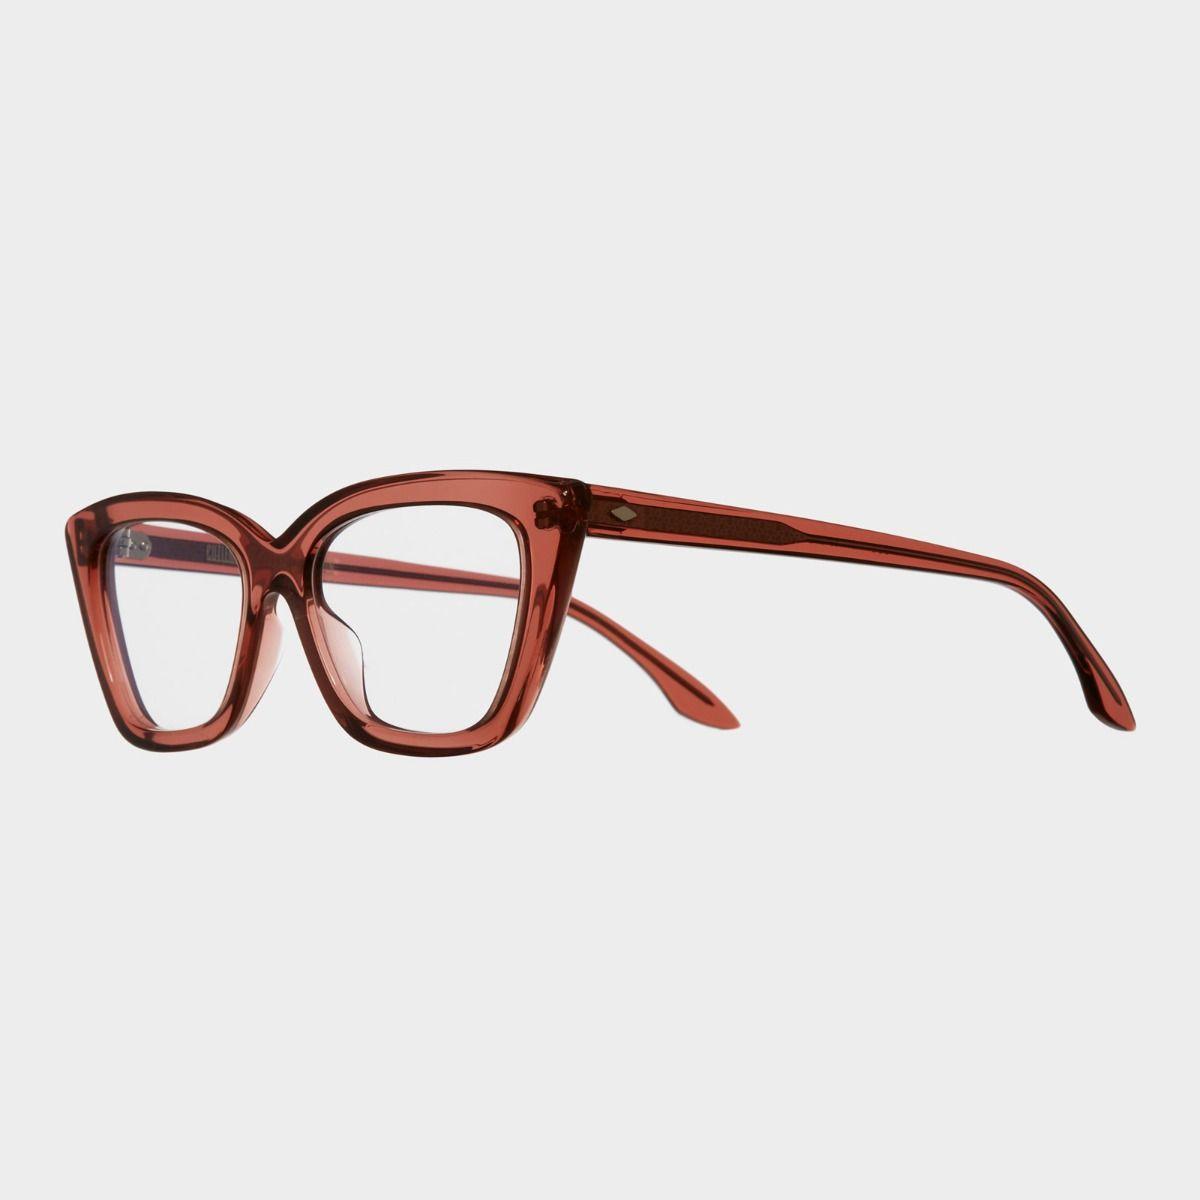 1241 Optical Cat-Eye Glasses-Rhubarb